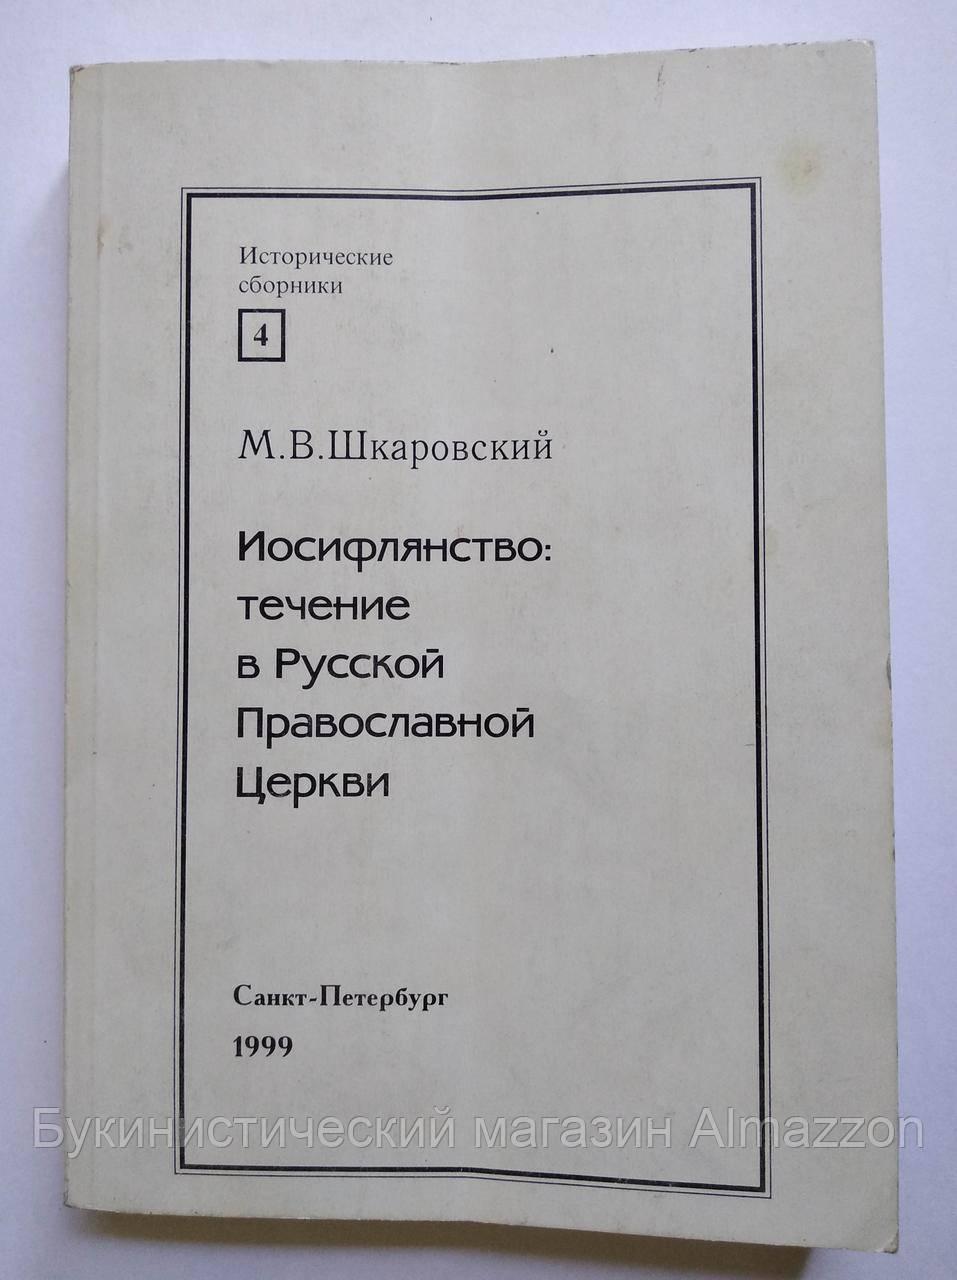 М.Шкаровский Иосифлянство: течение в Русской православной церкви. Исторические сборники 4. 1999 год